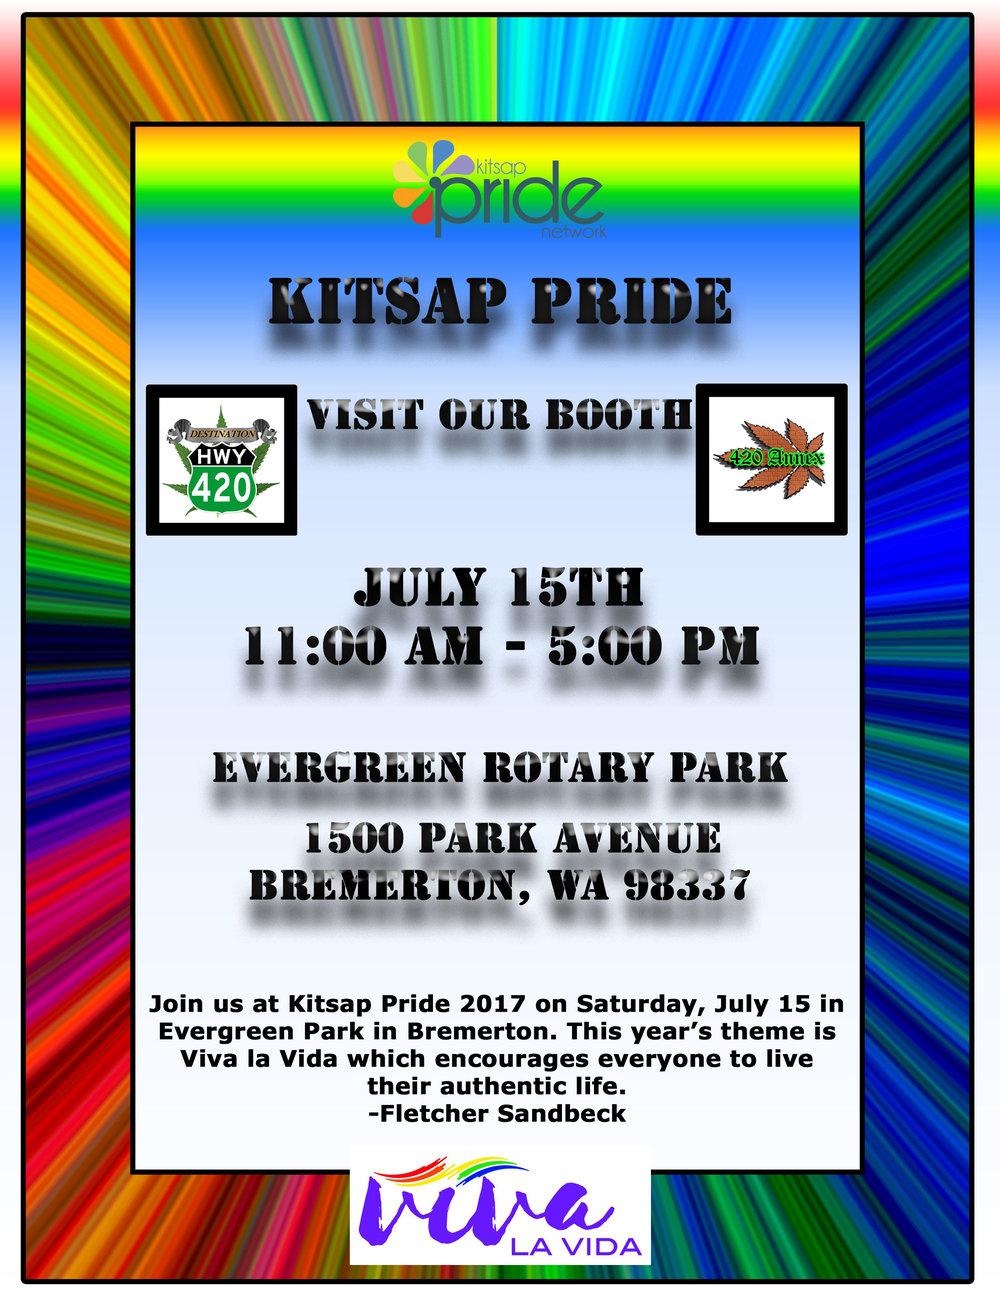 Kitsap Pride La Vida 2017